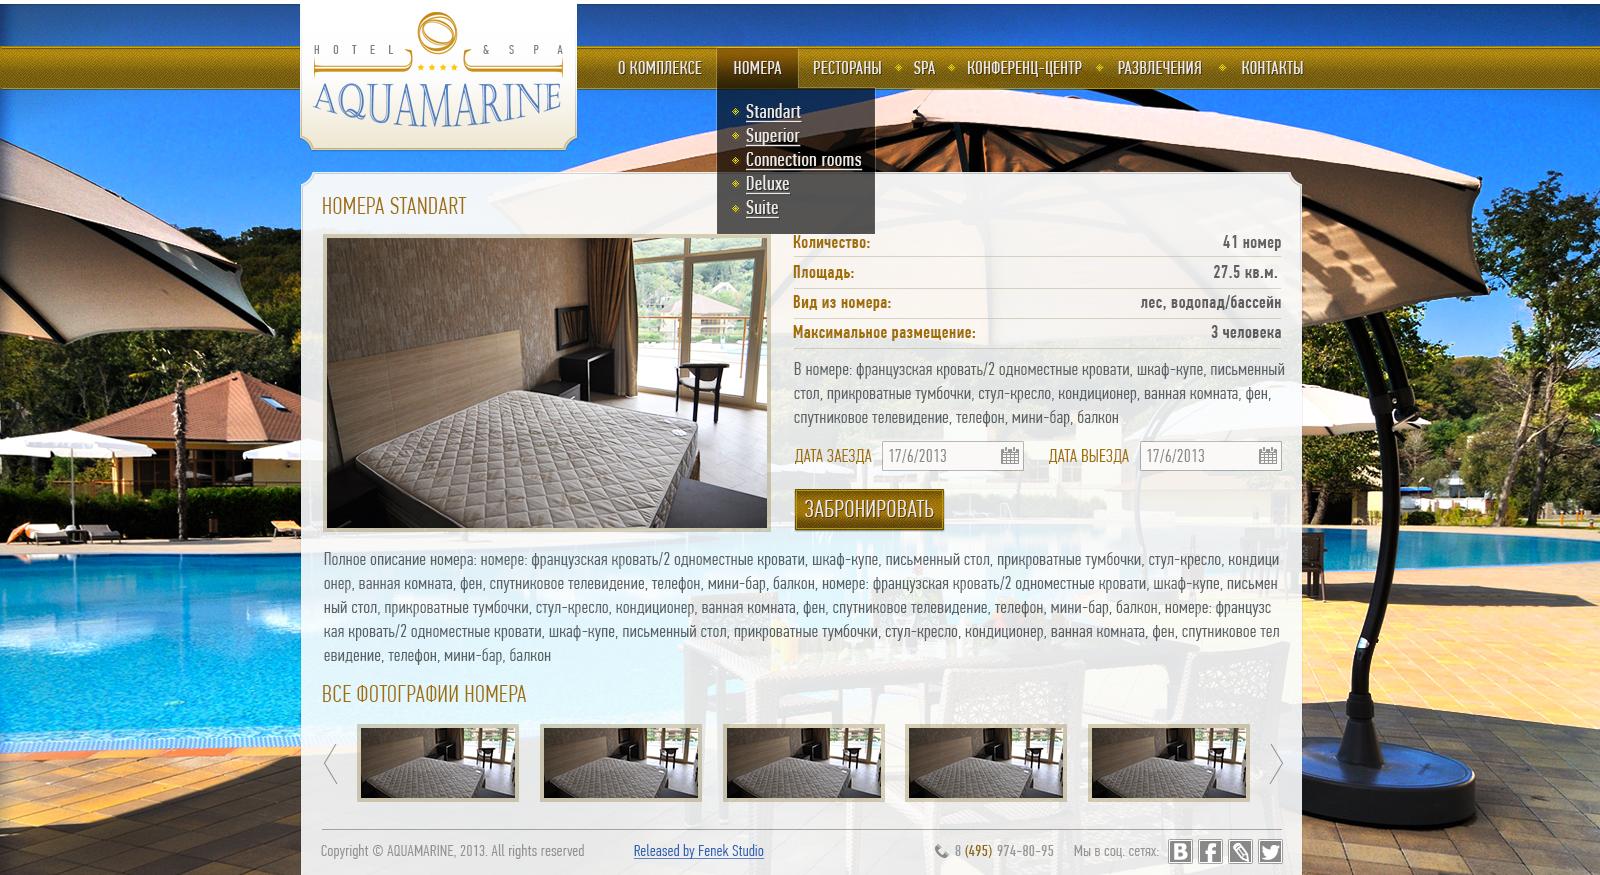 Разработка дизайна Главной страницы и всех внутренних для сайта отеля Аквамарин- страница Номера